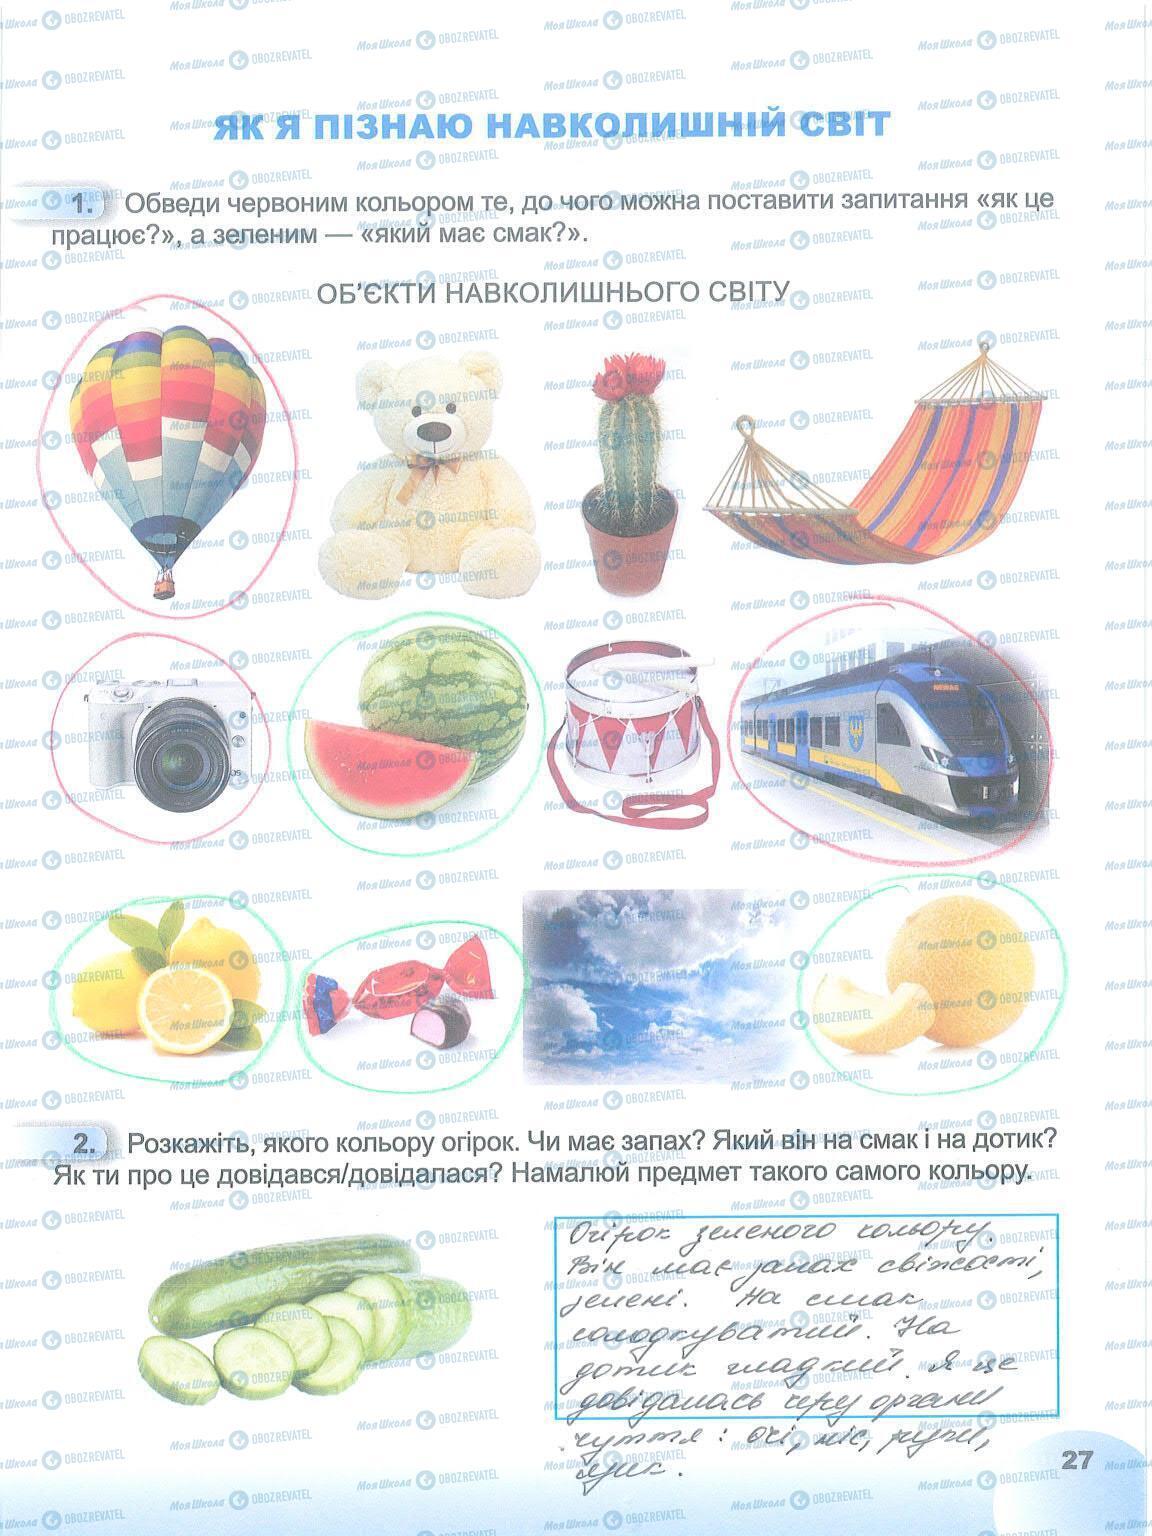 ГДЗ ЯДС (исследую мир) 1 класс страница 27